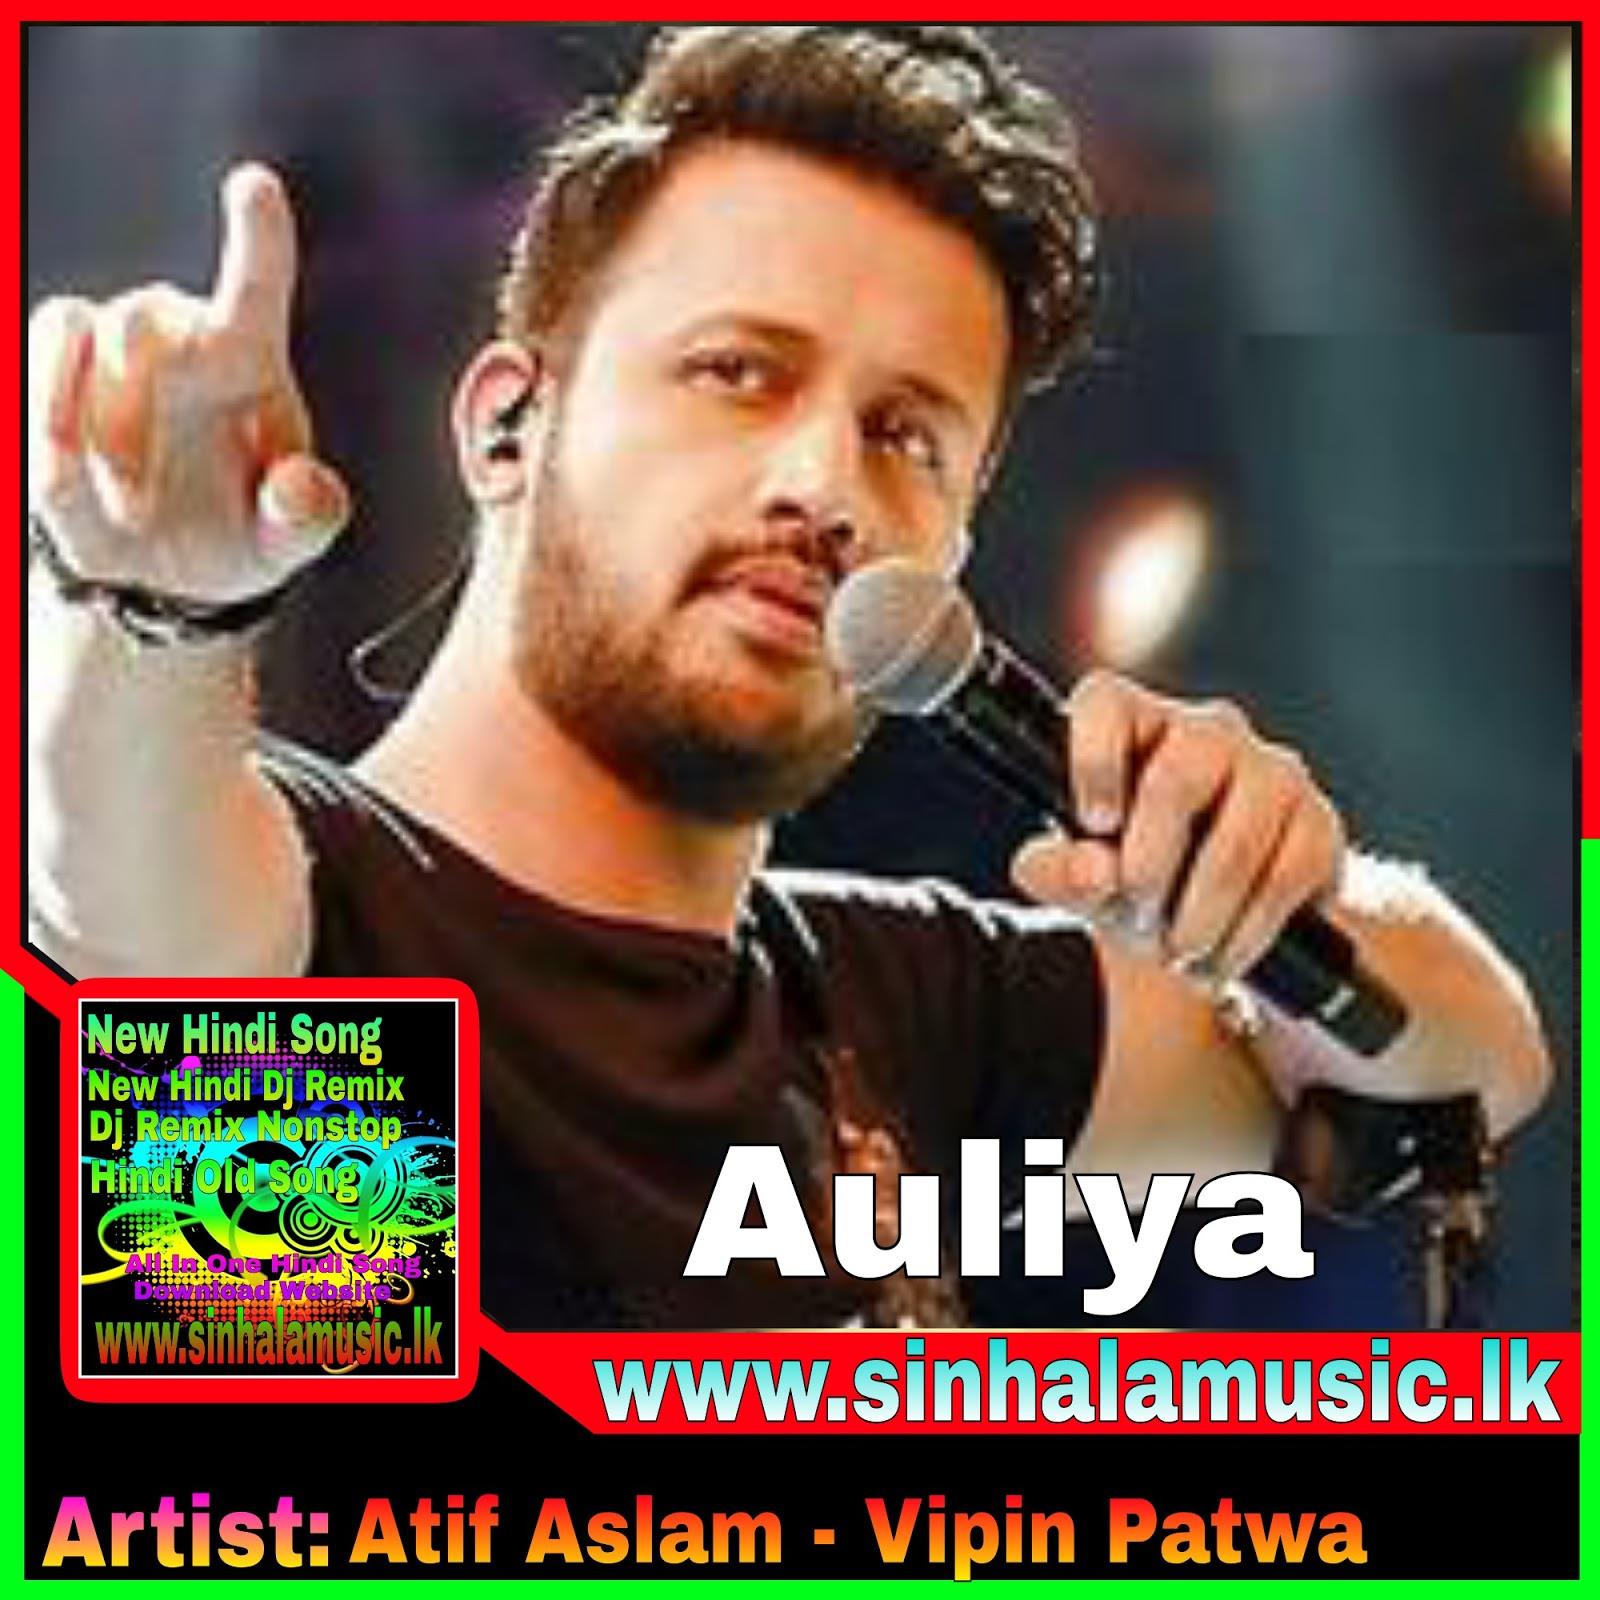 Auliya - Atif Aslam - MP3 Song Download - sinhalamusic lk